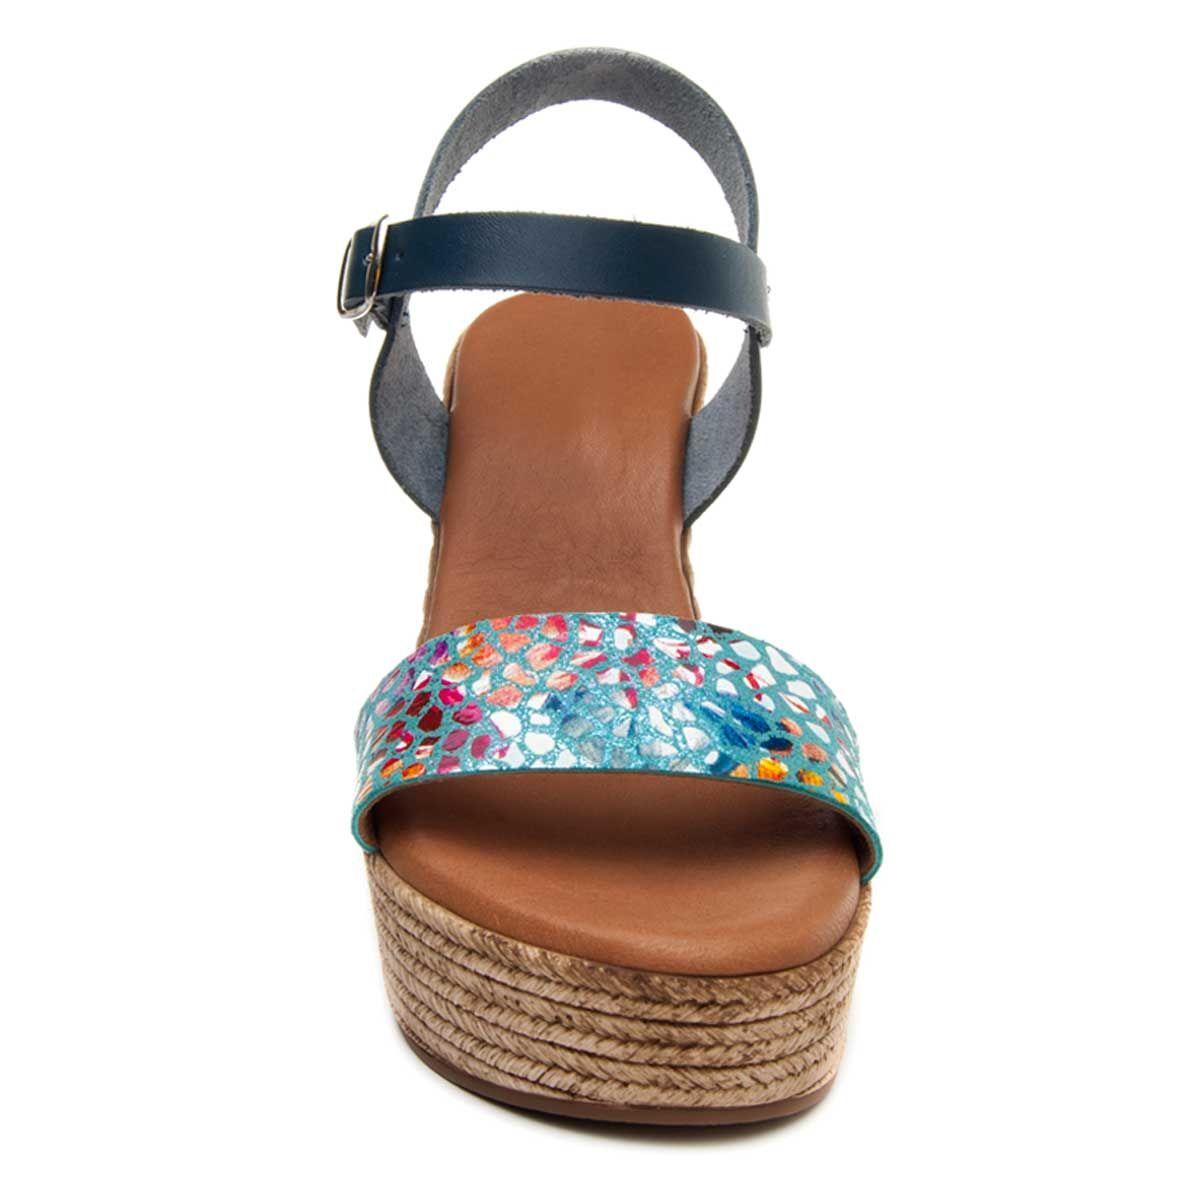 Purapiel Ankle Strap Wedge Espadrille in Blue